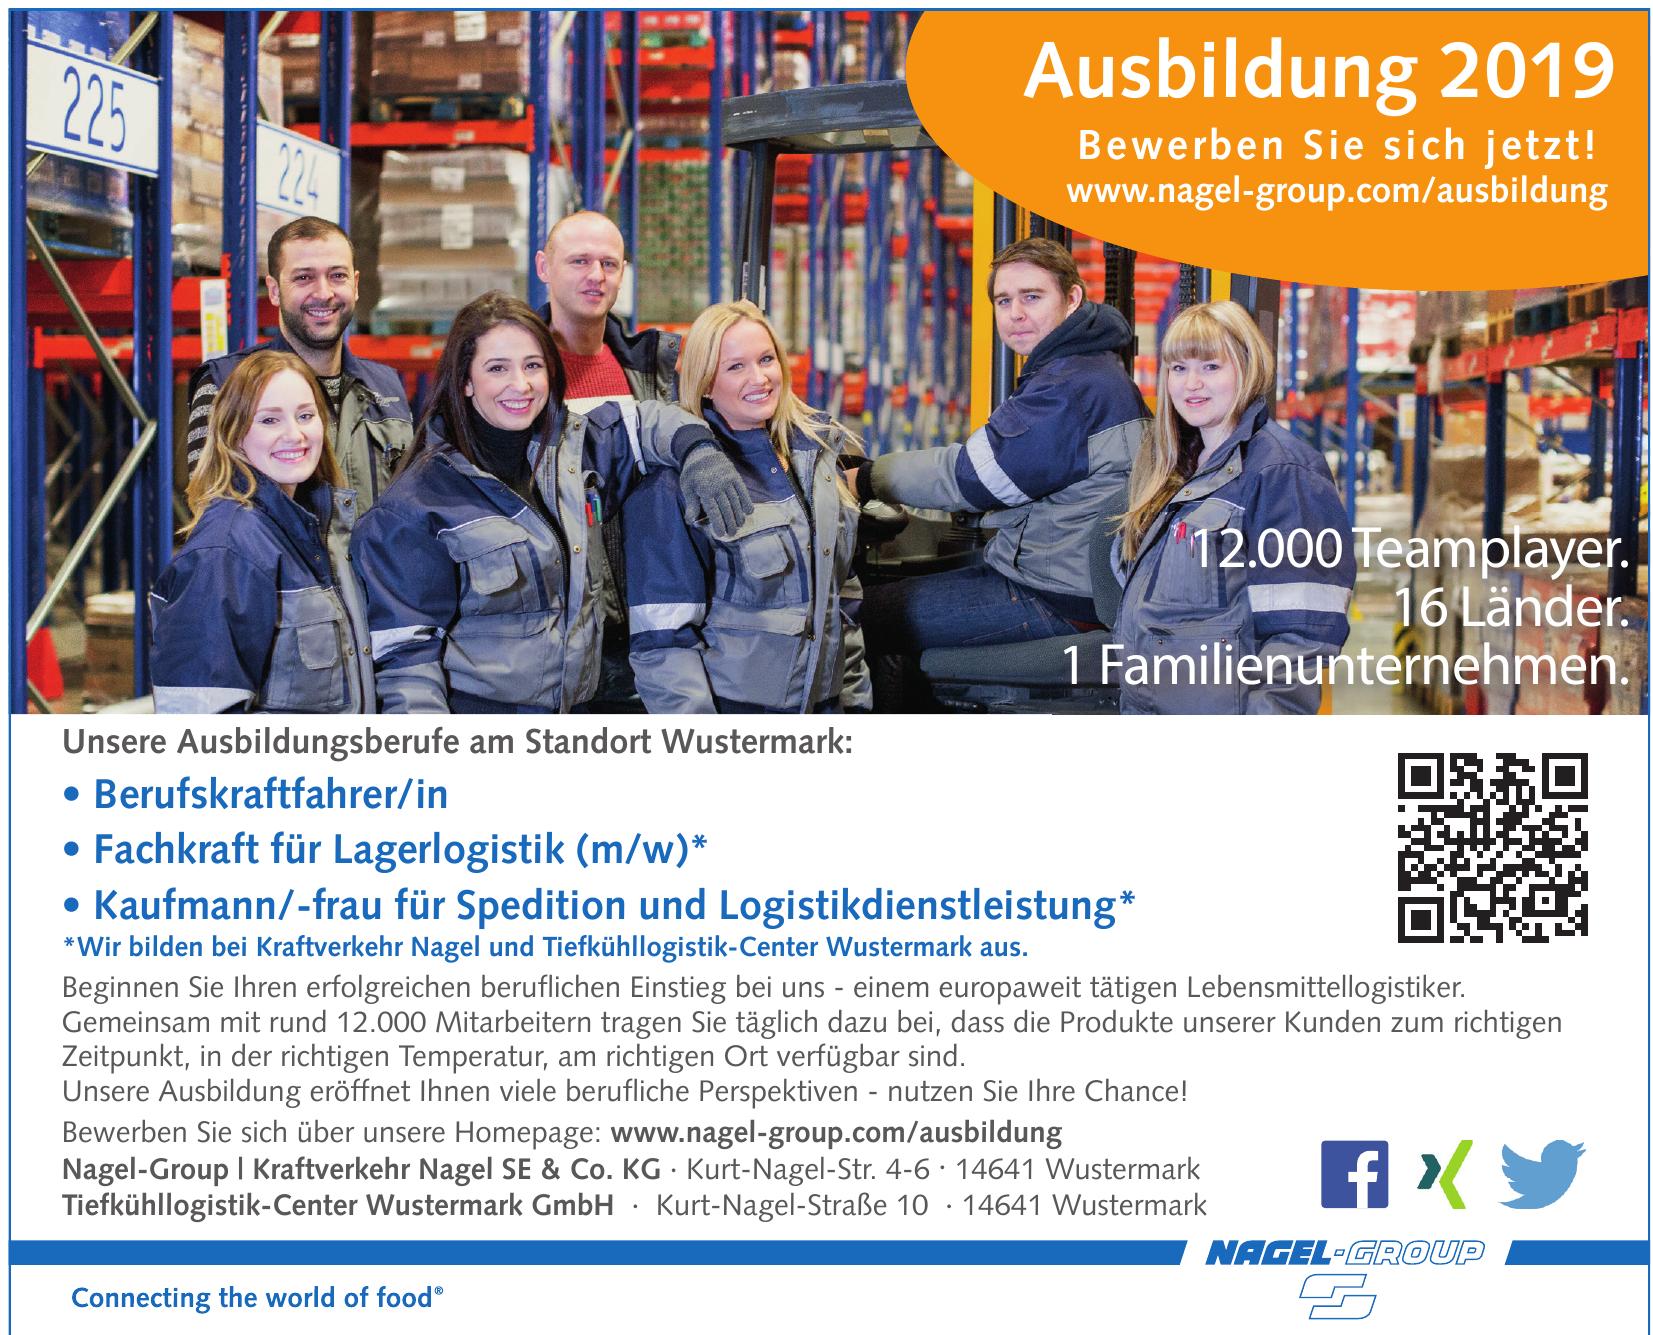 Nagel-Group / Kraftverkehr Nagel SE & Co. KG